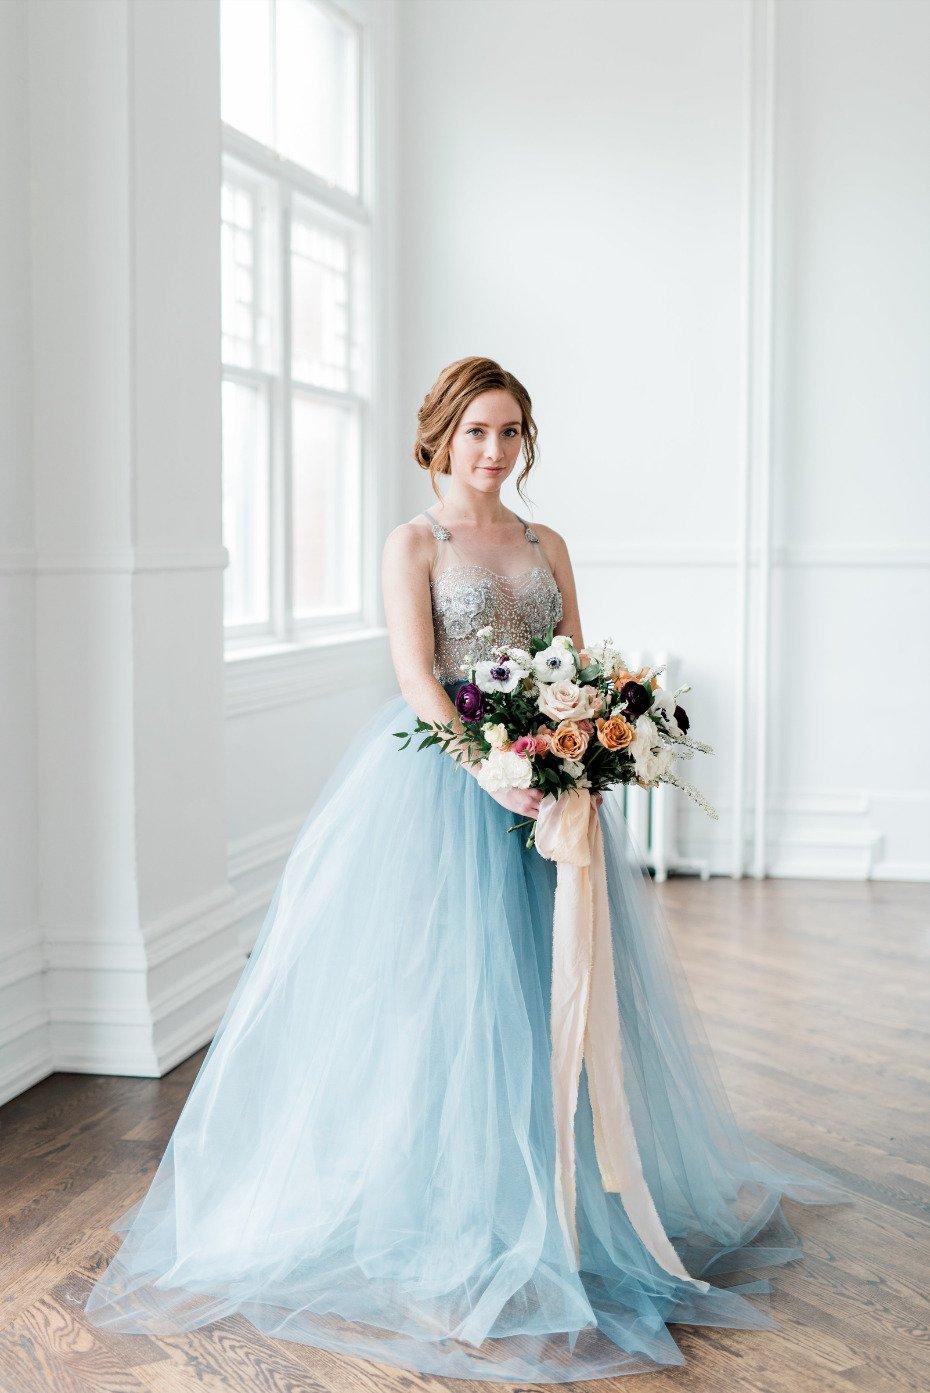 Vestido de novia azul encantador